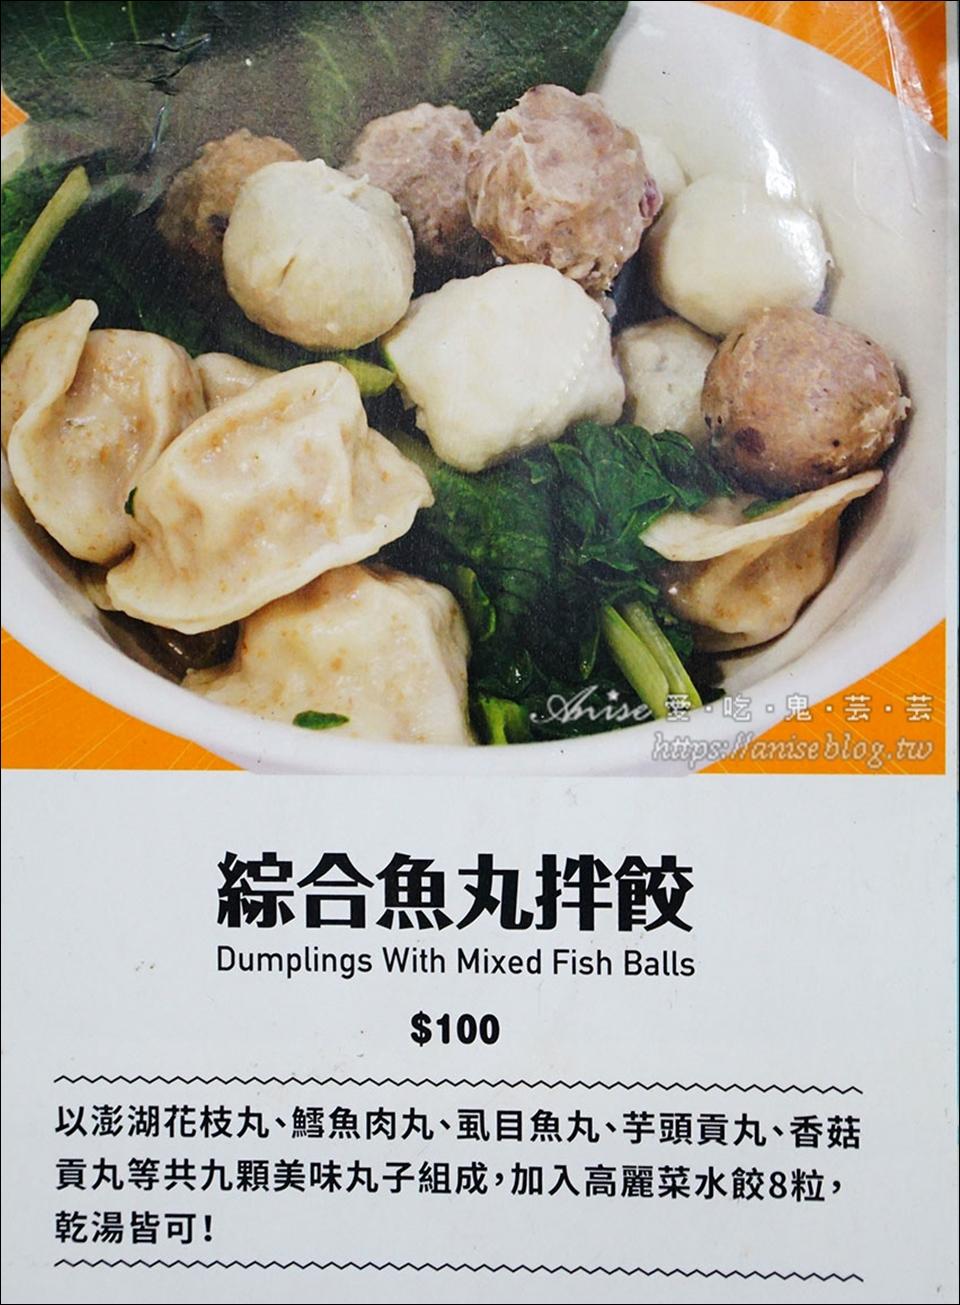 陳師傅全麥麵食專賣店菜單